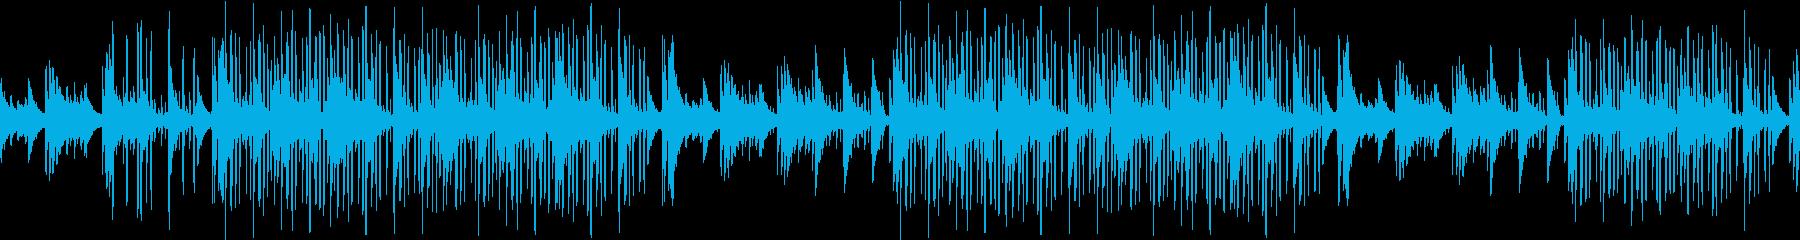 ピアノ・切ない・綺麗・大人・夜・ループの再生済みの波形